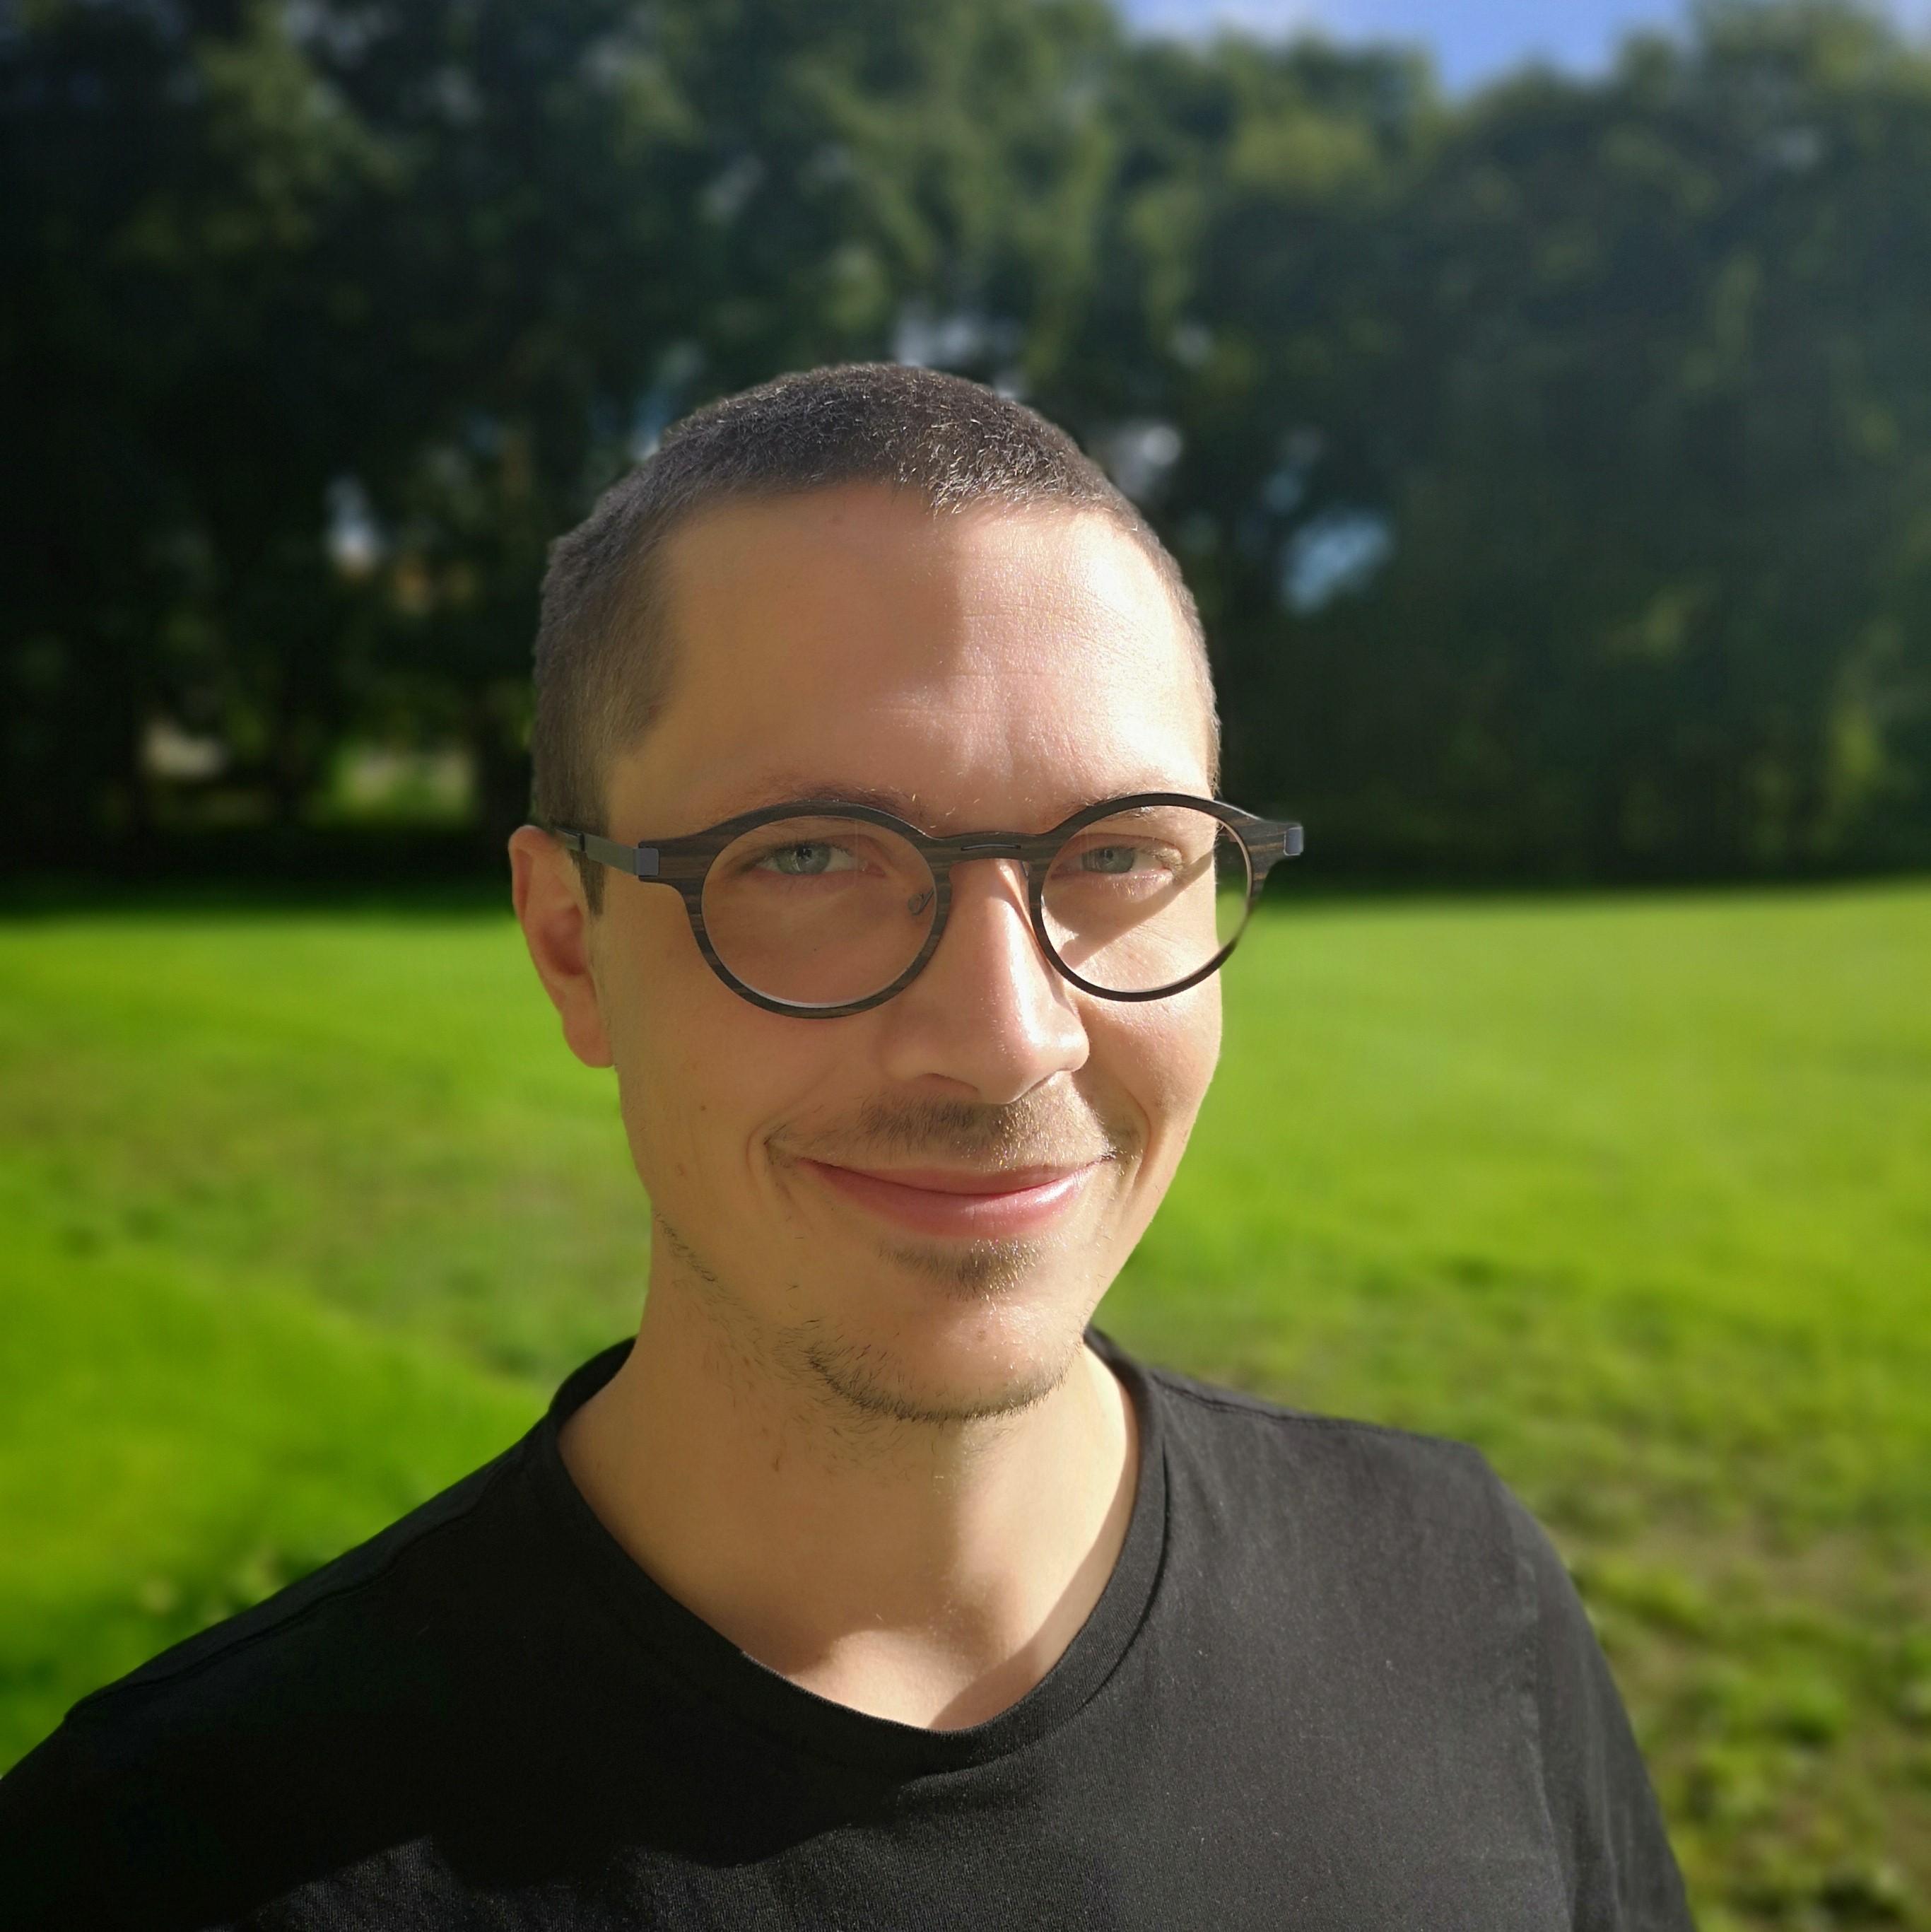 Søren Lomholt